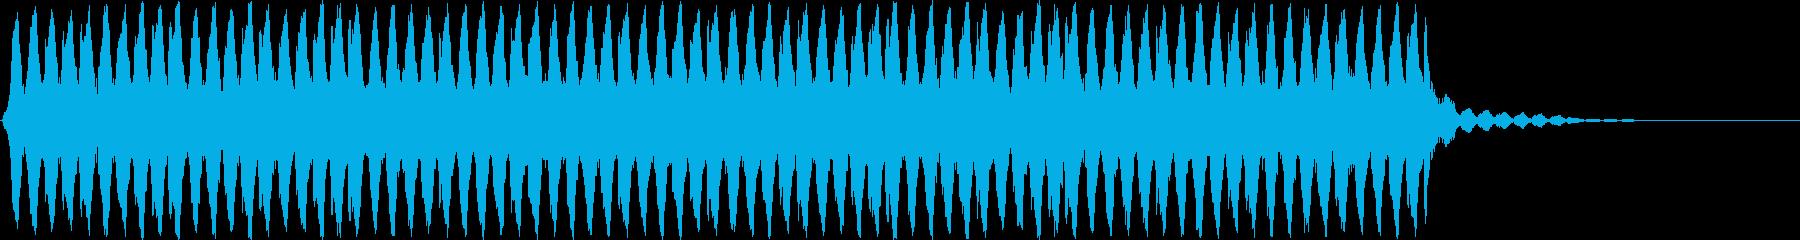 ホラー・サスペンス向けの不気味な効果音の再生済みの波形